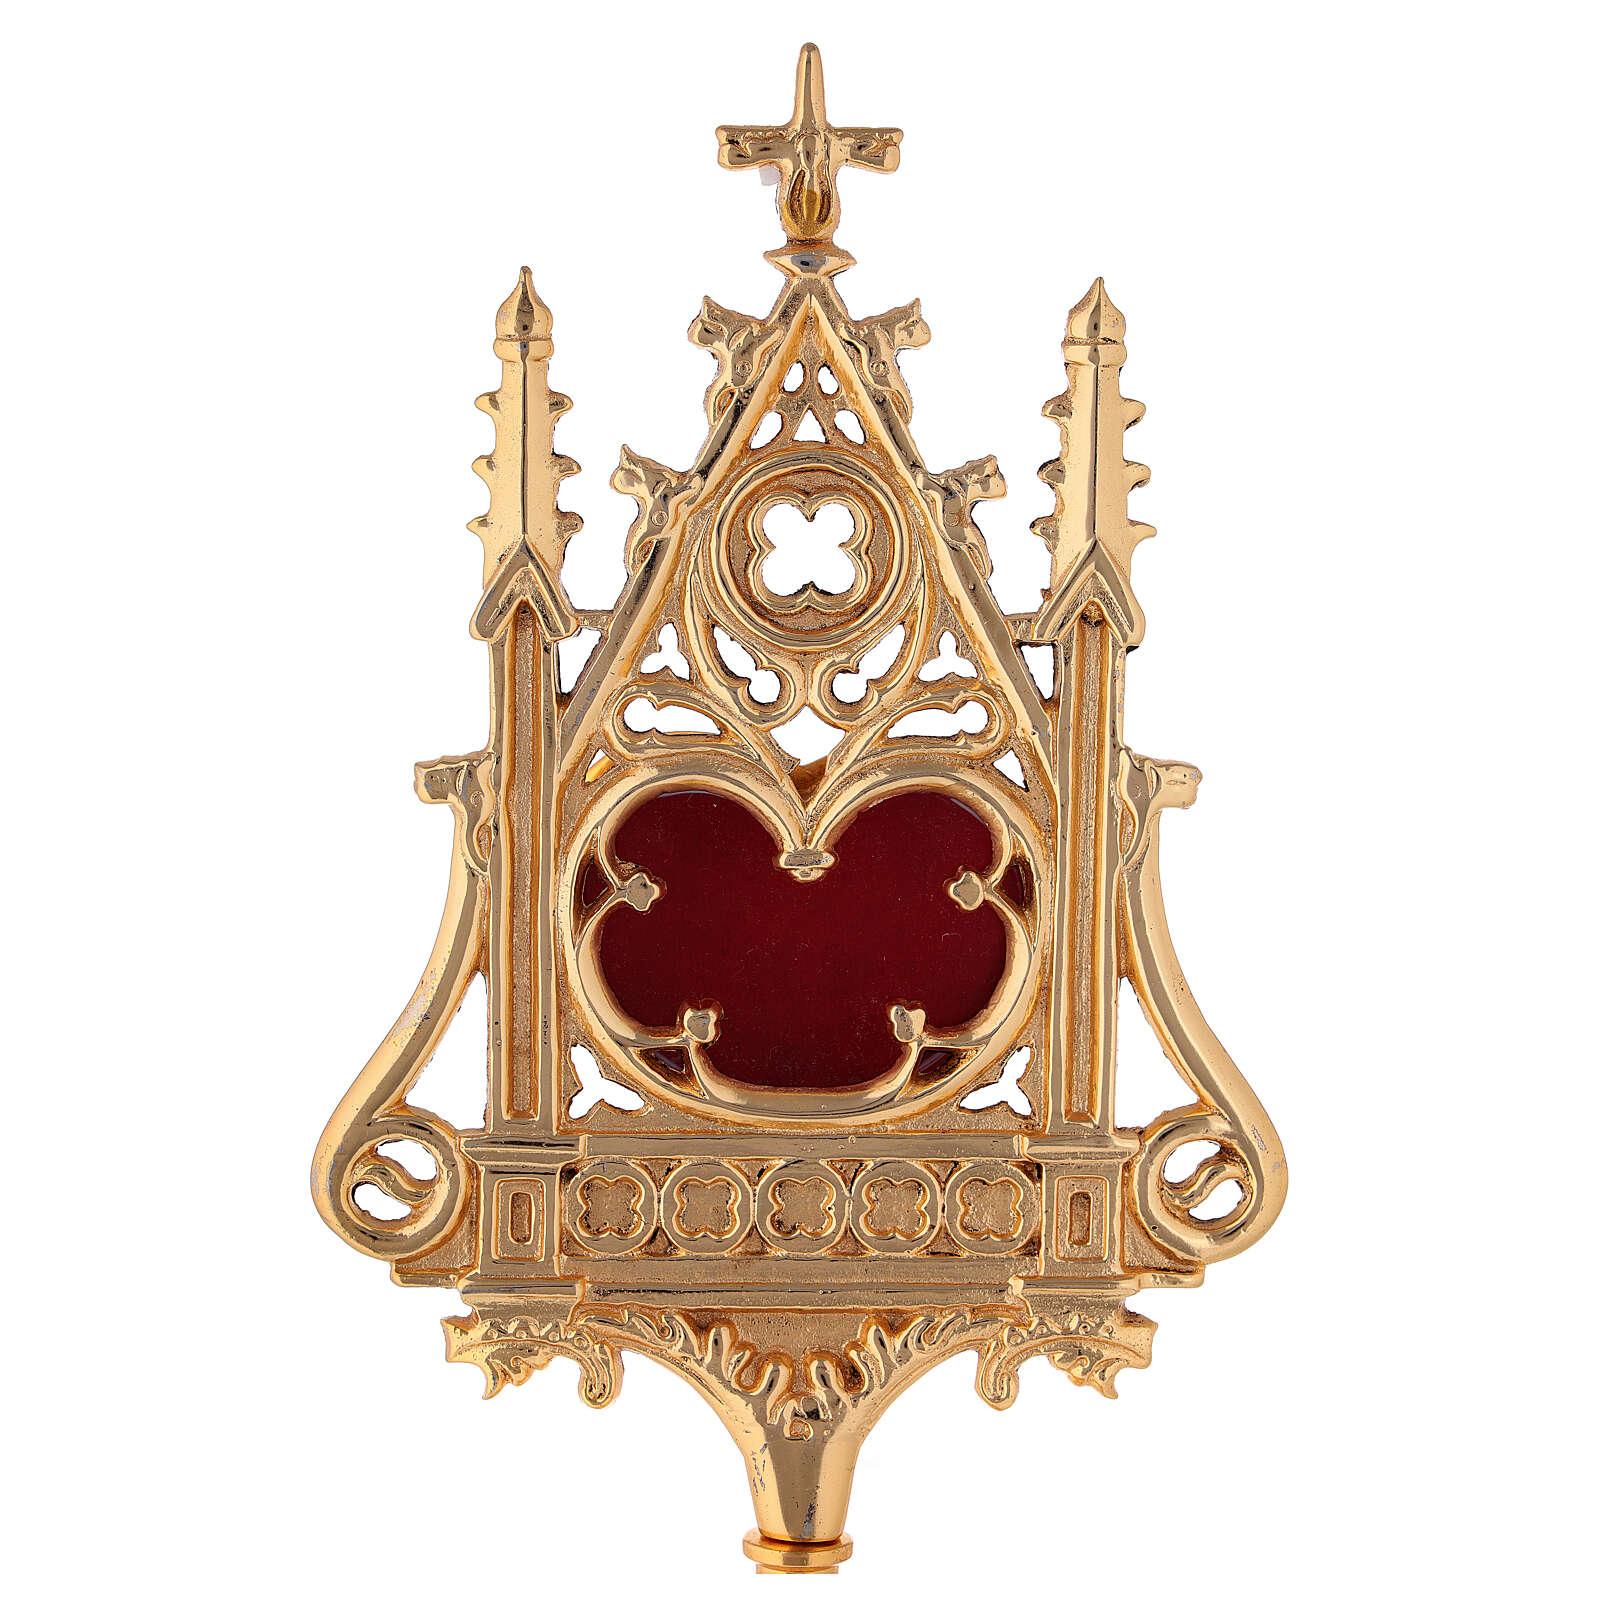 Reliquiario neogotico ottone dorato velluto rosso h 32 cm 4